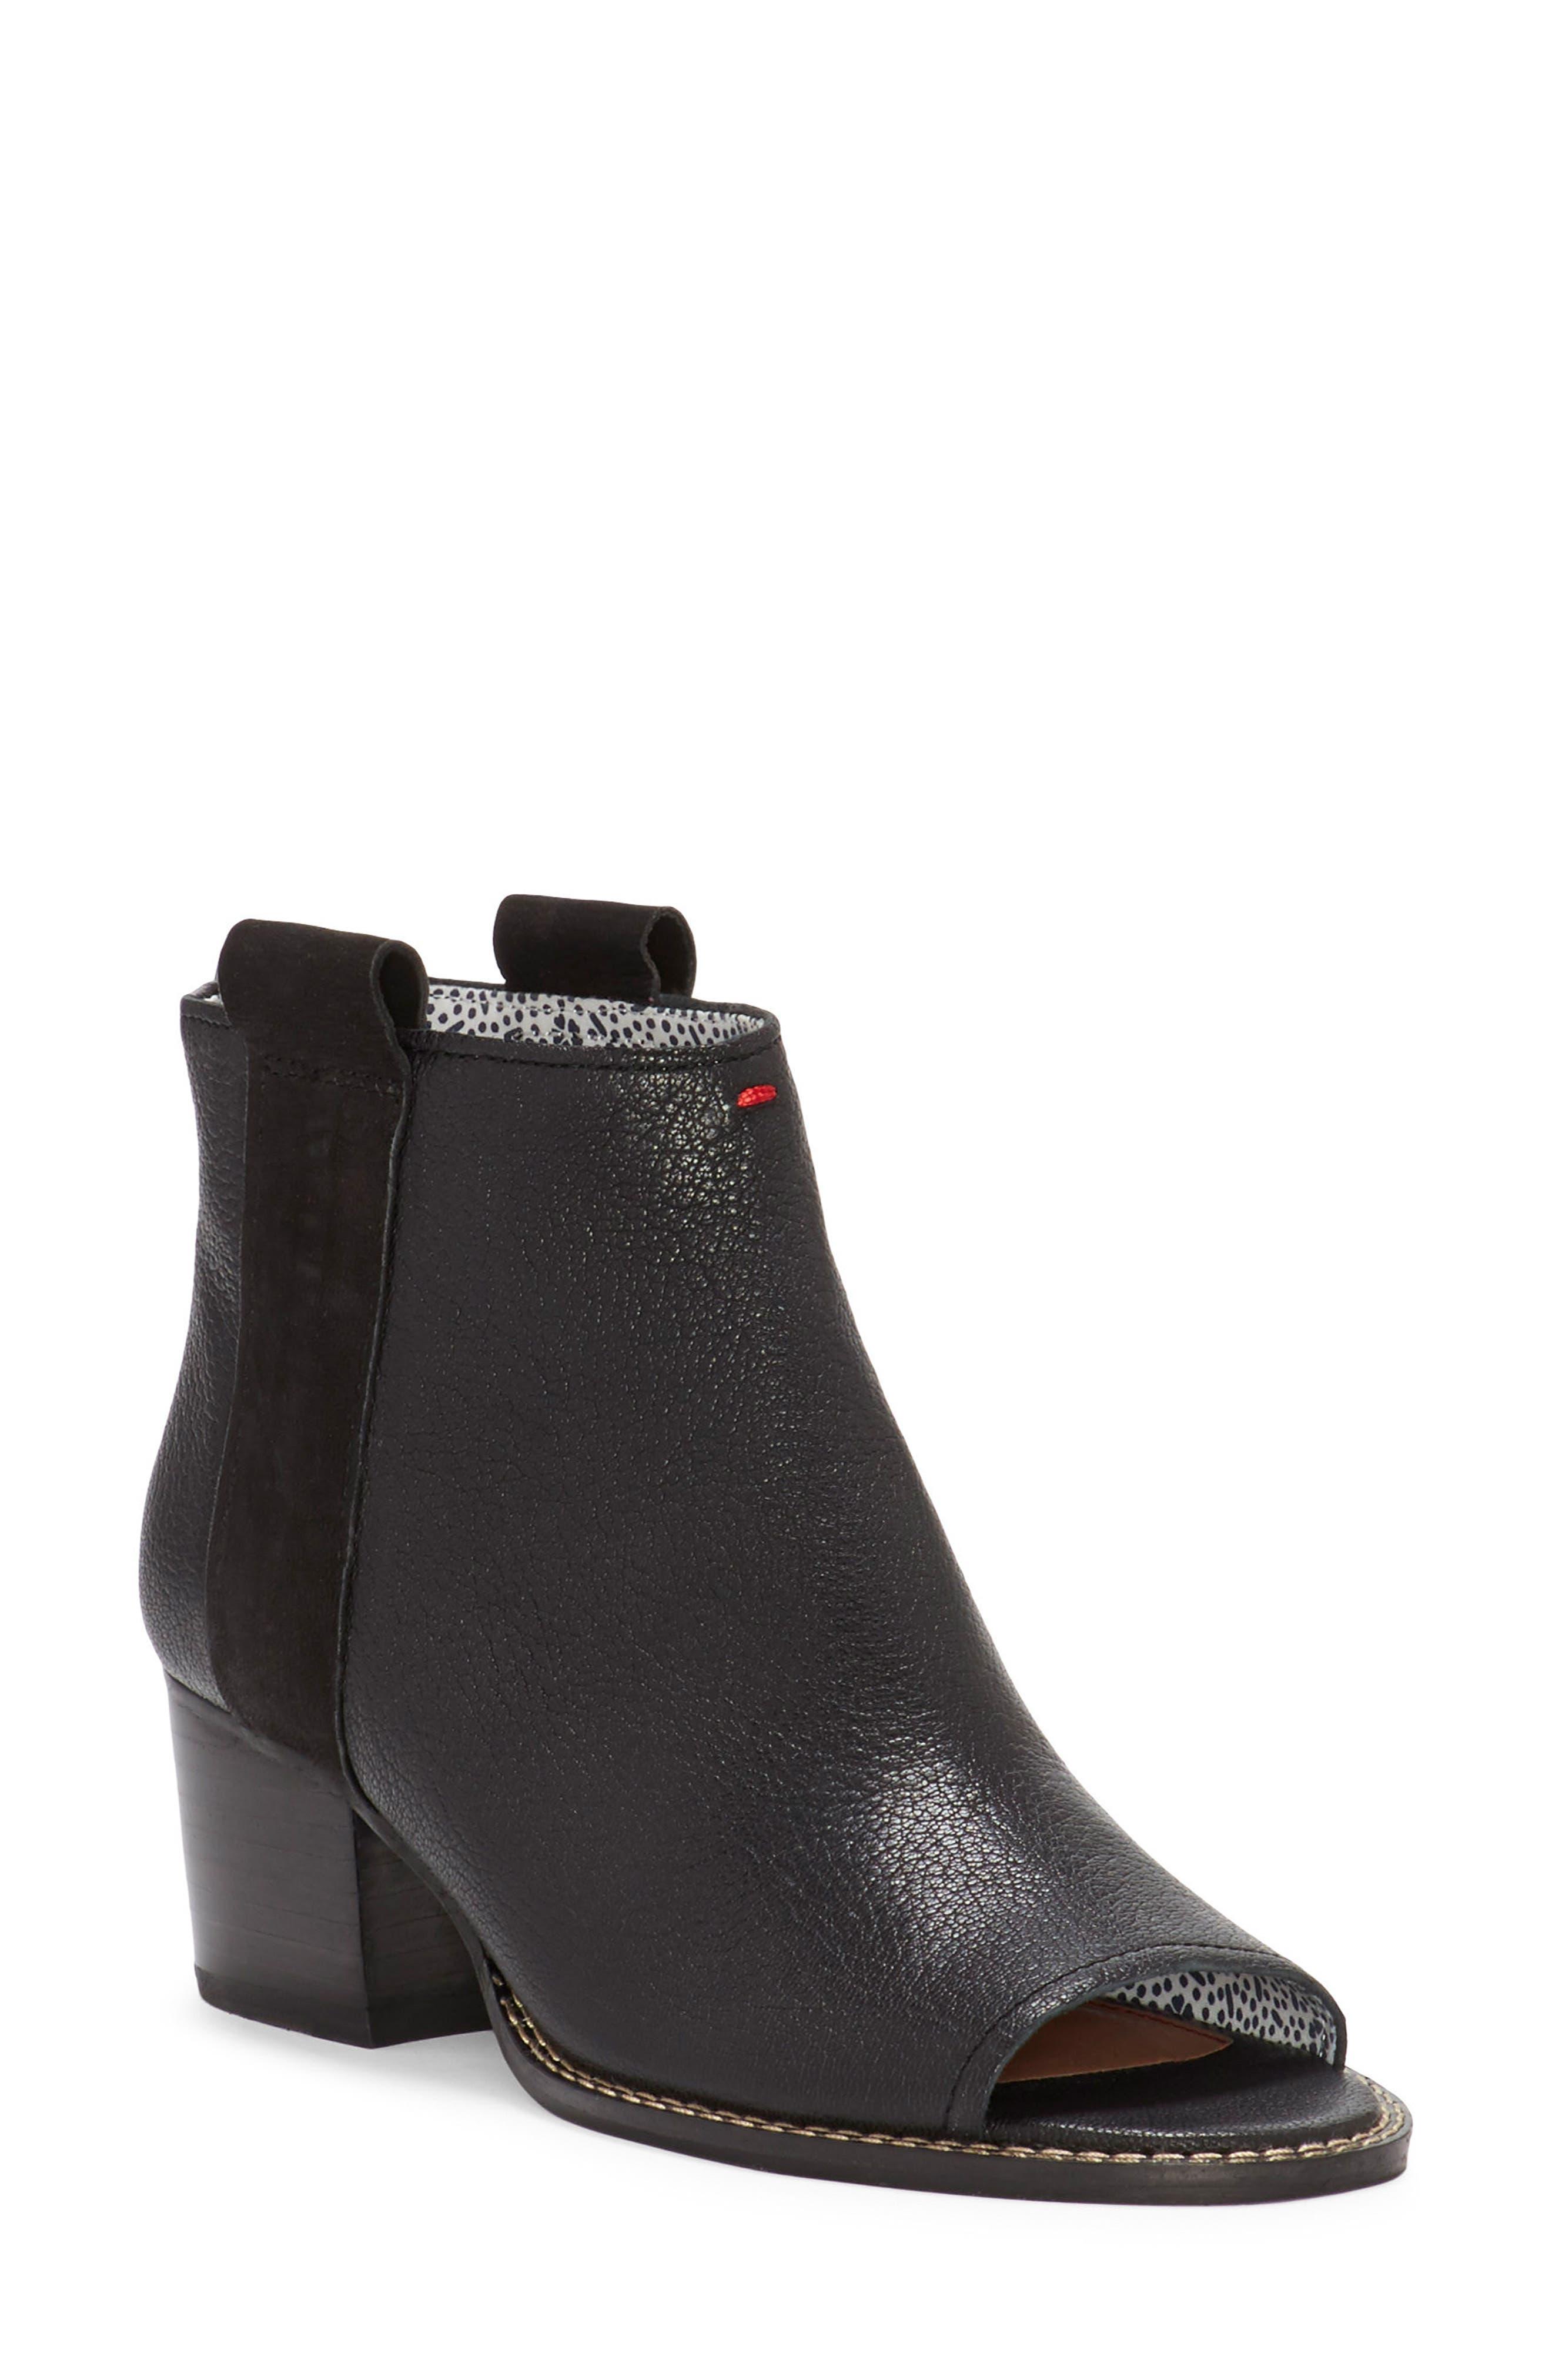 Taromi Peep Toe Bootie,                         Main,                         color, Black Leather